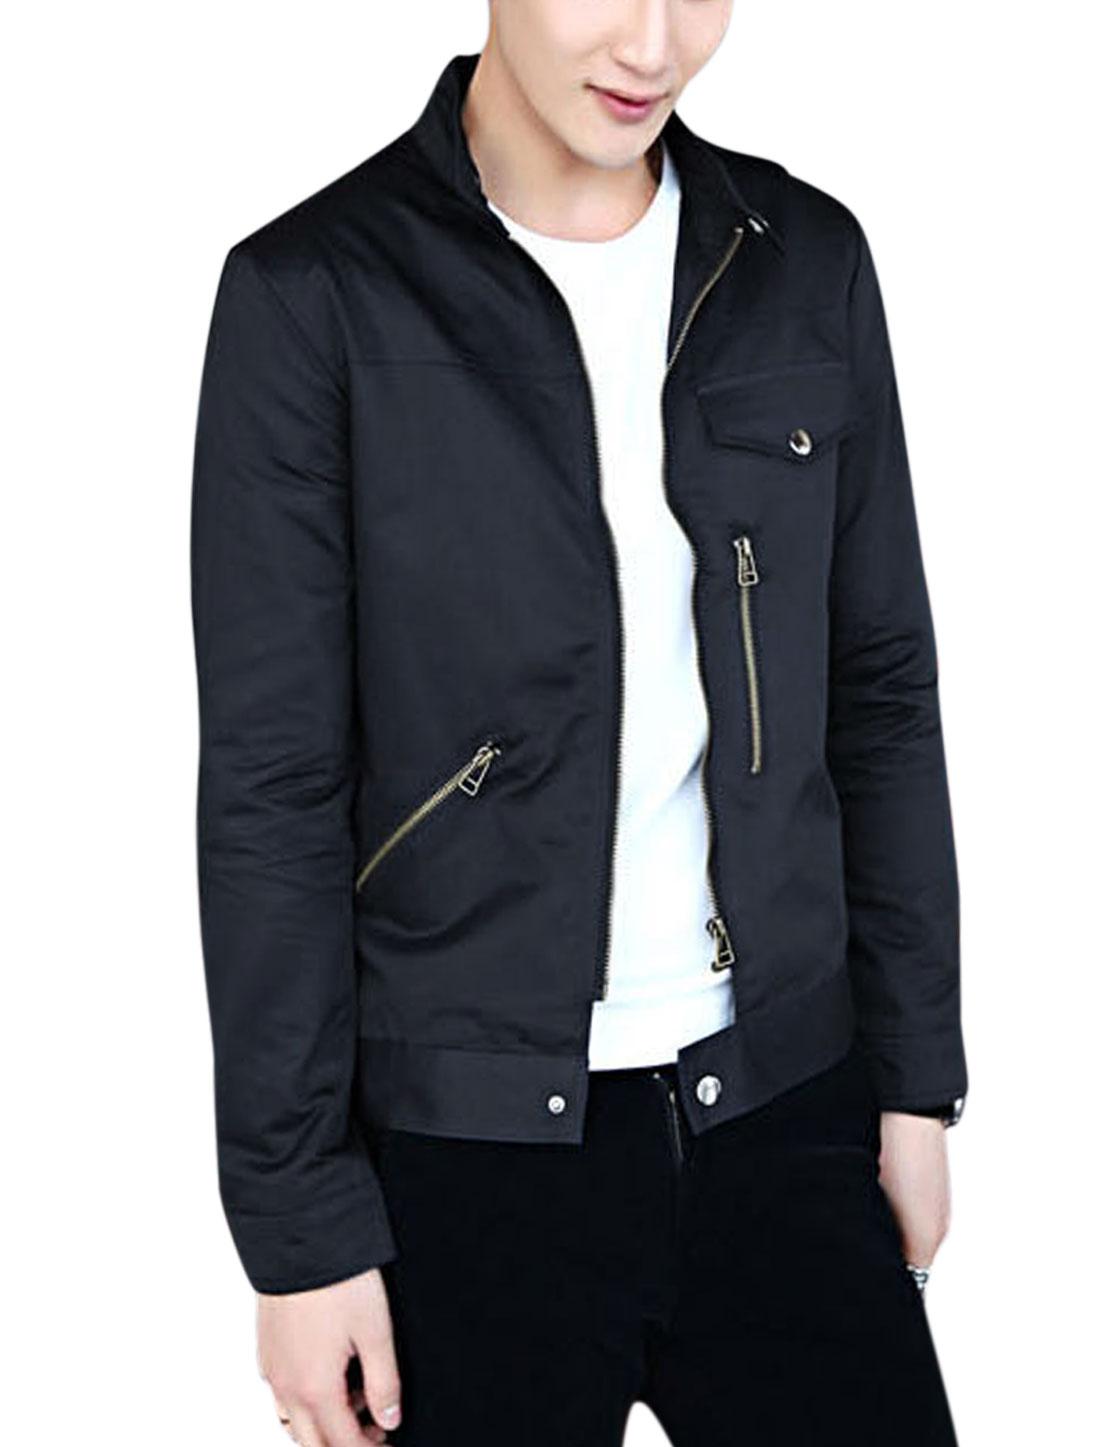 Men Zipper Closure Long Sleeve Buttoned Cuff Leisure Jacket Navy Blue M